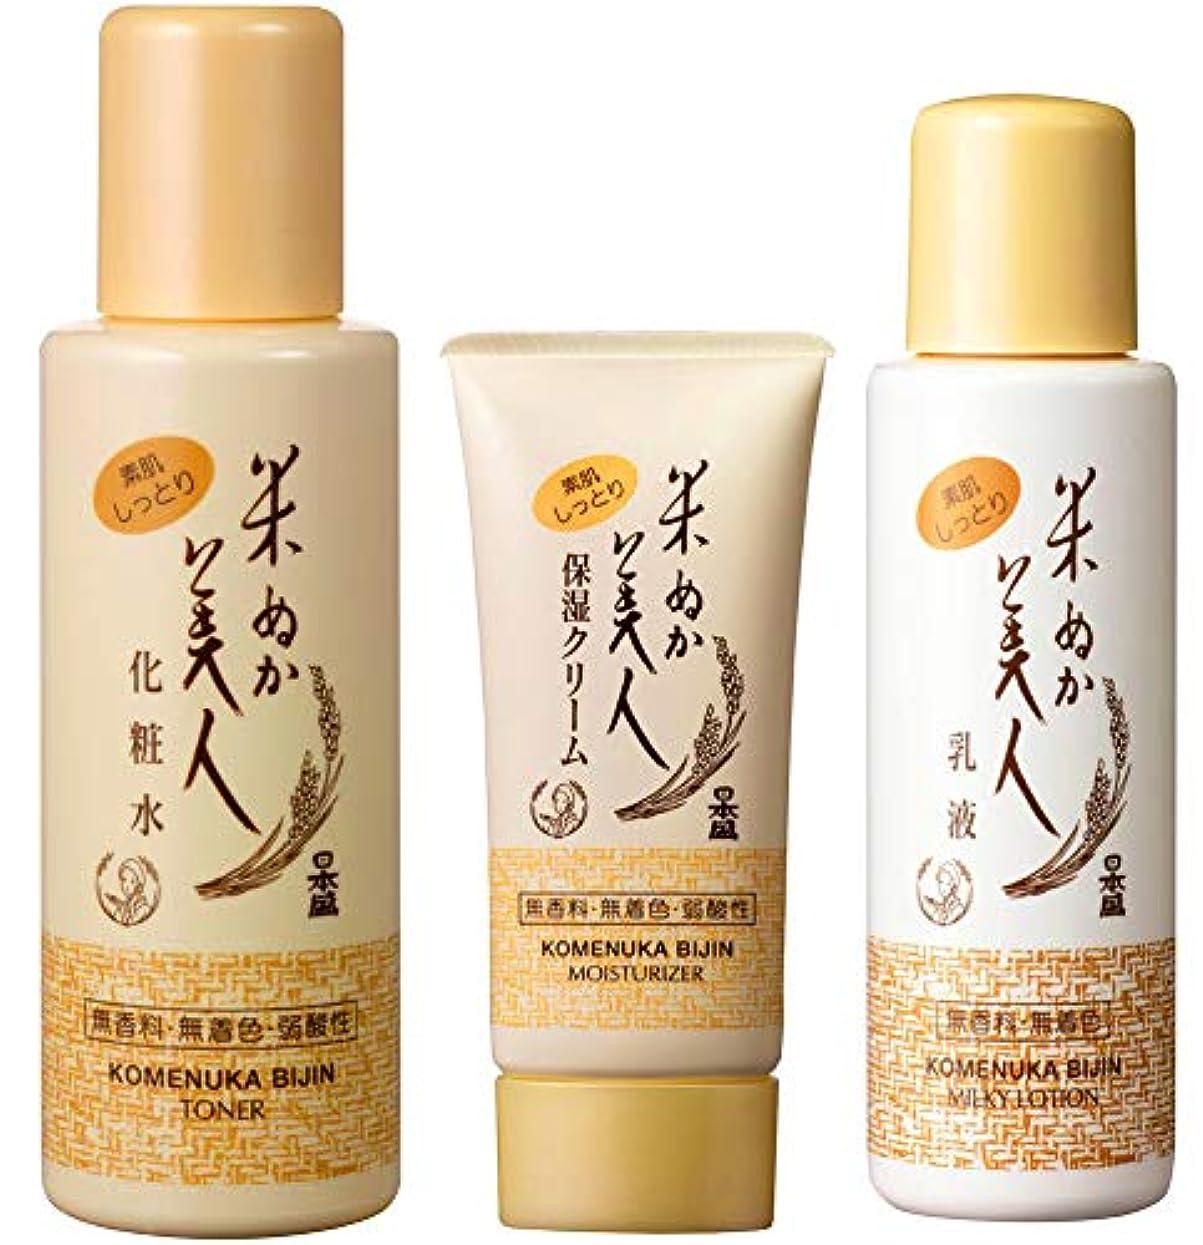 雪の無駄な形状【まとめ買い3点セット】日本盛「米ぬか美人」 化粧水(120ml)+ 乳液(100ml)+ 保湿クリーム(35g)